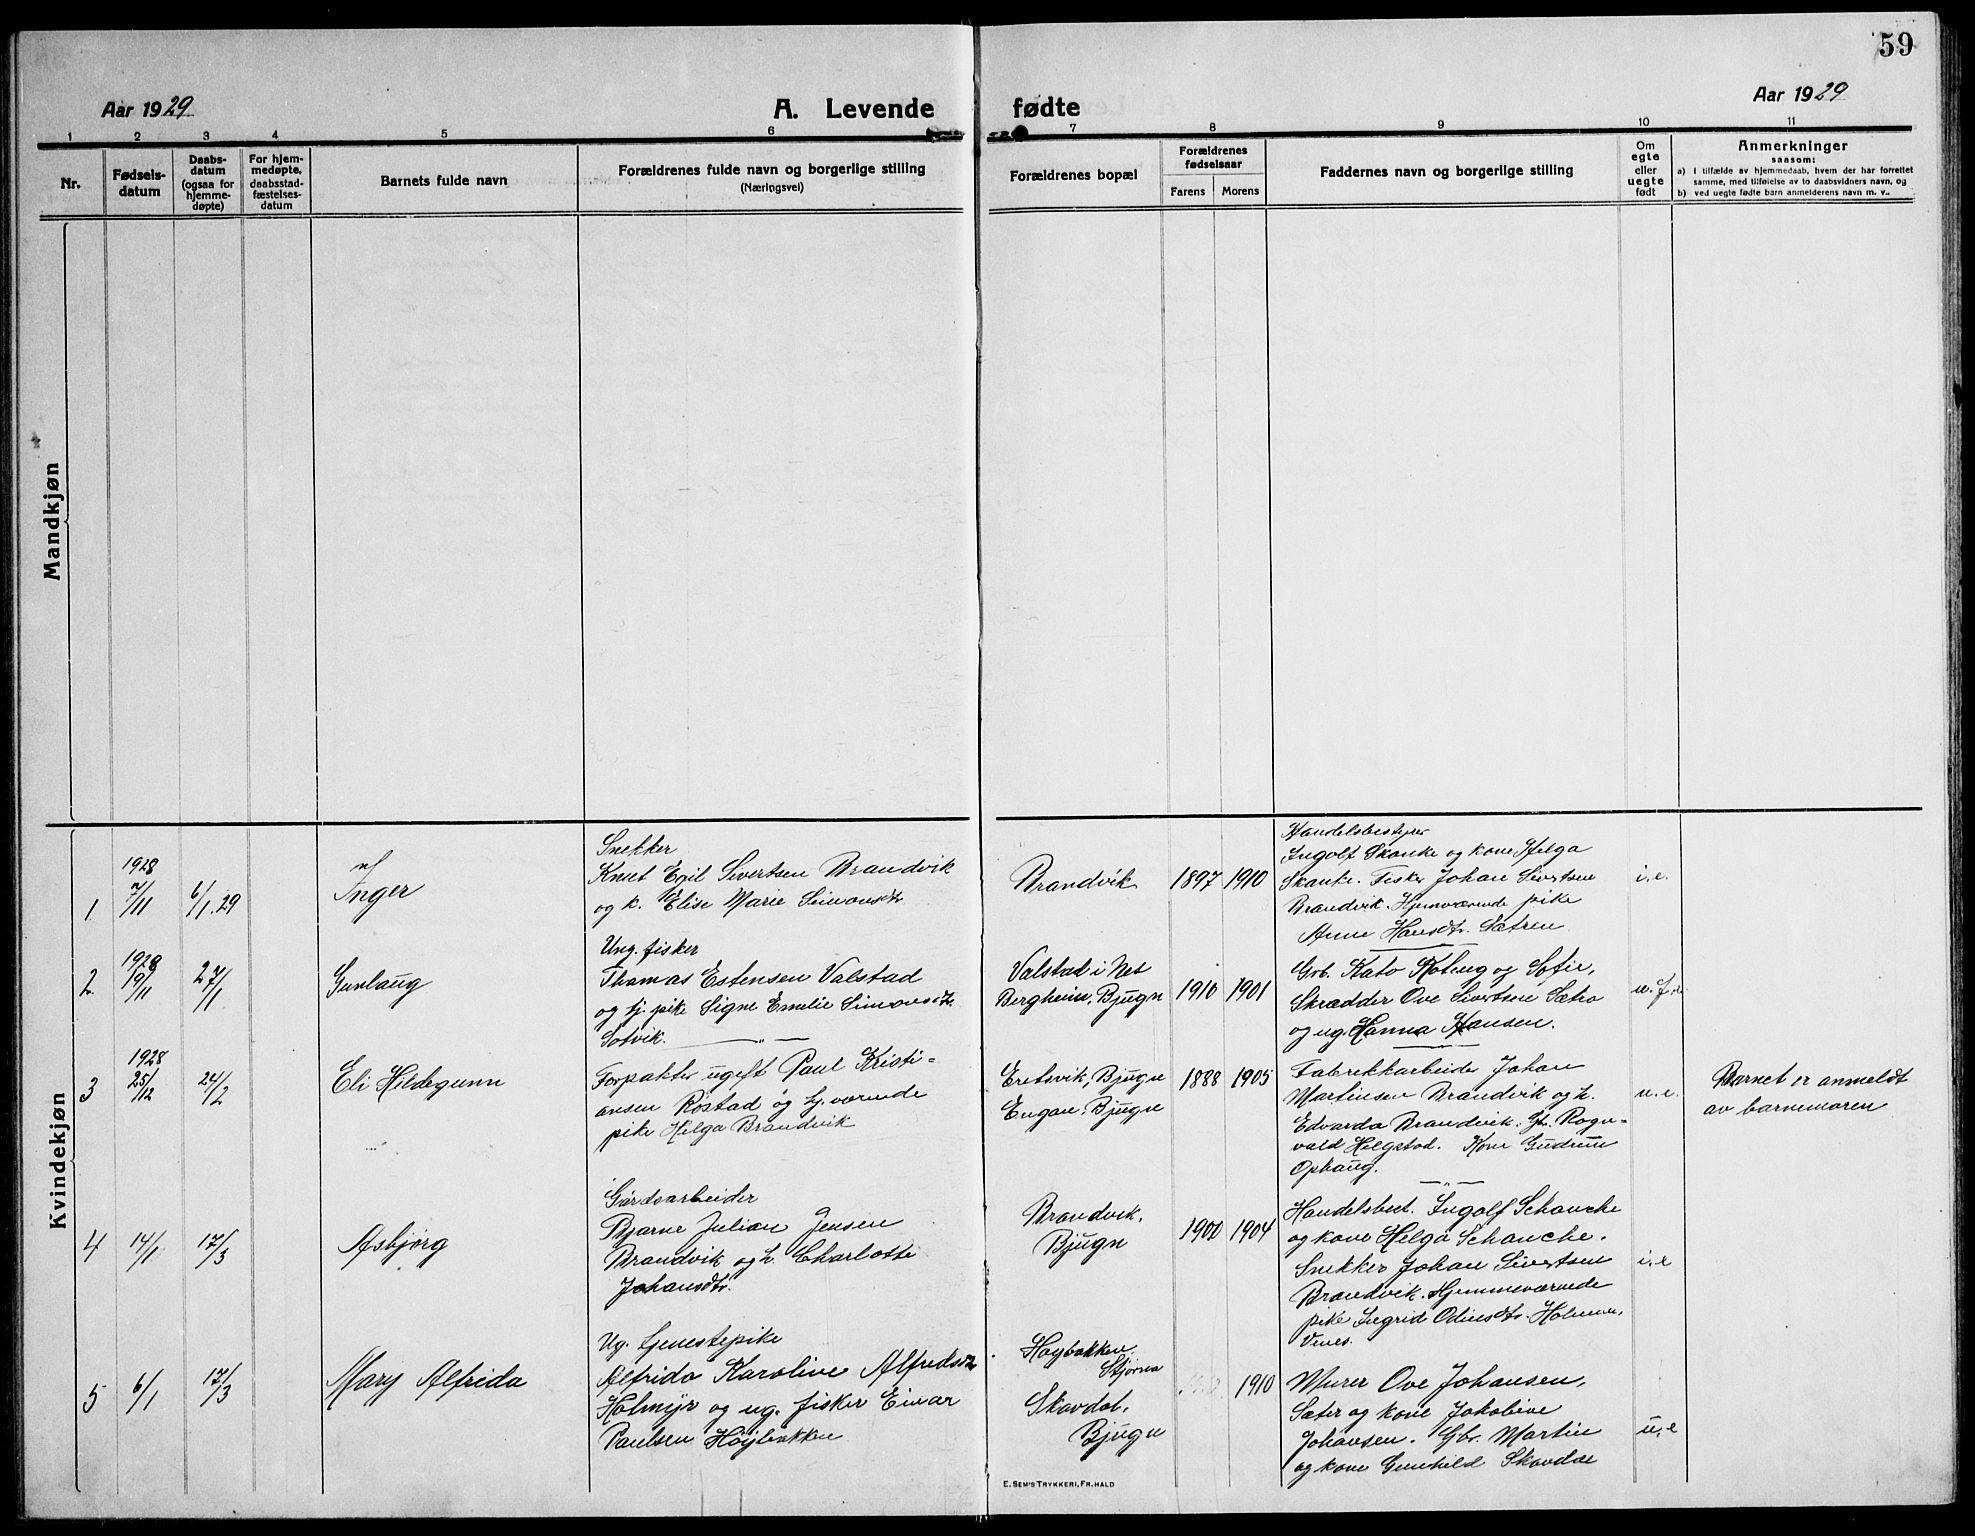 SAT, Ministerialprotokoller, klokkerbøker og fødselsregistre - Sør-Trøndelag, 651/L0648: Klokkerbok nr. 651C02, 1915-1945, s. 59